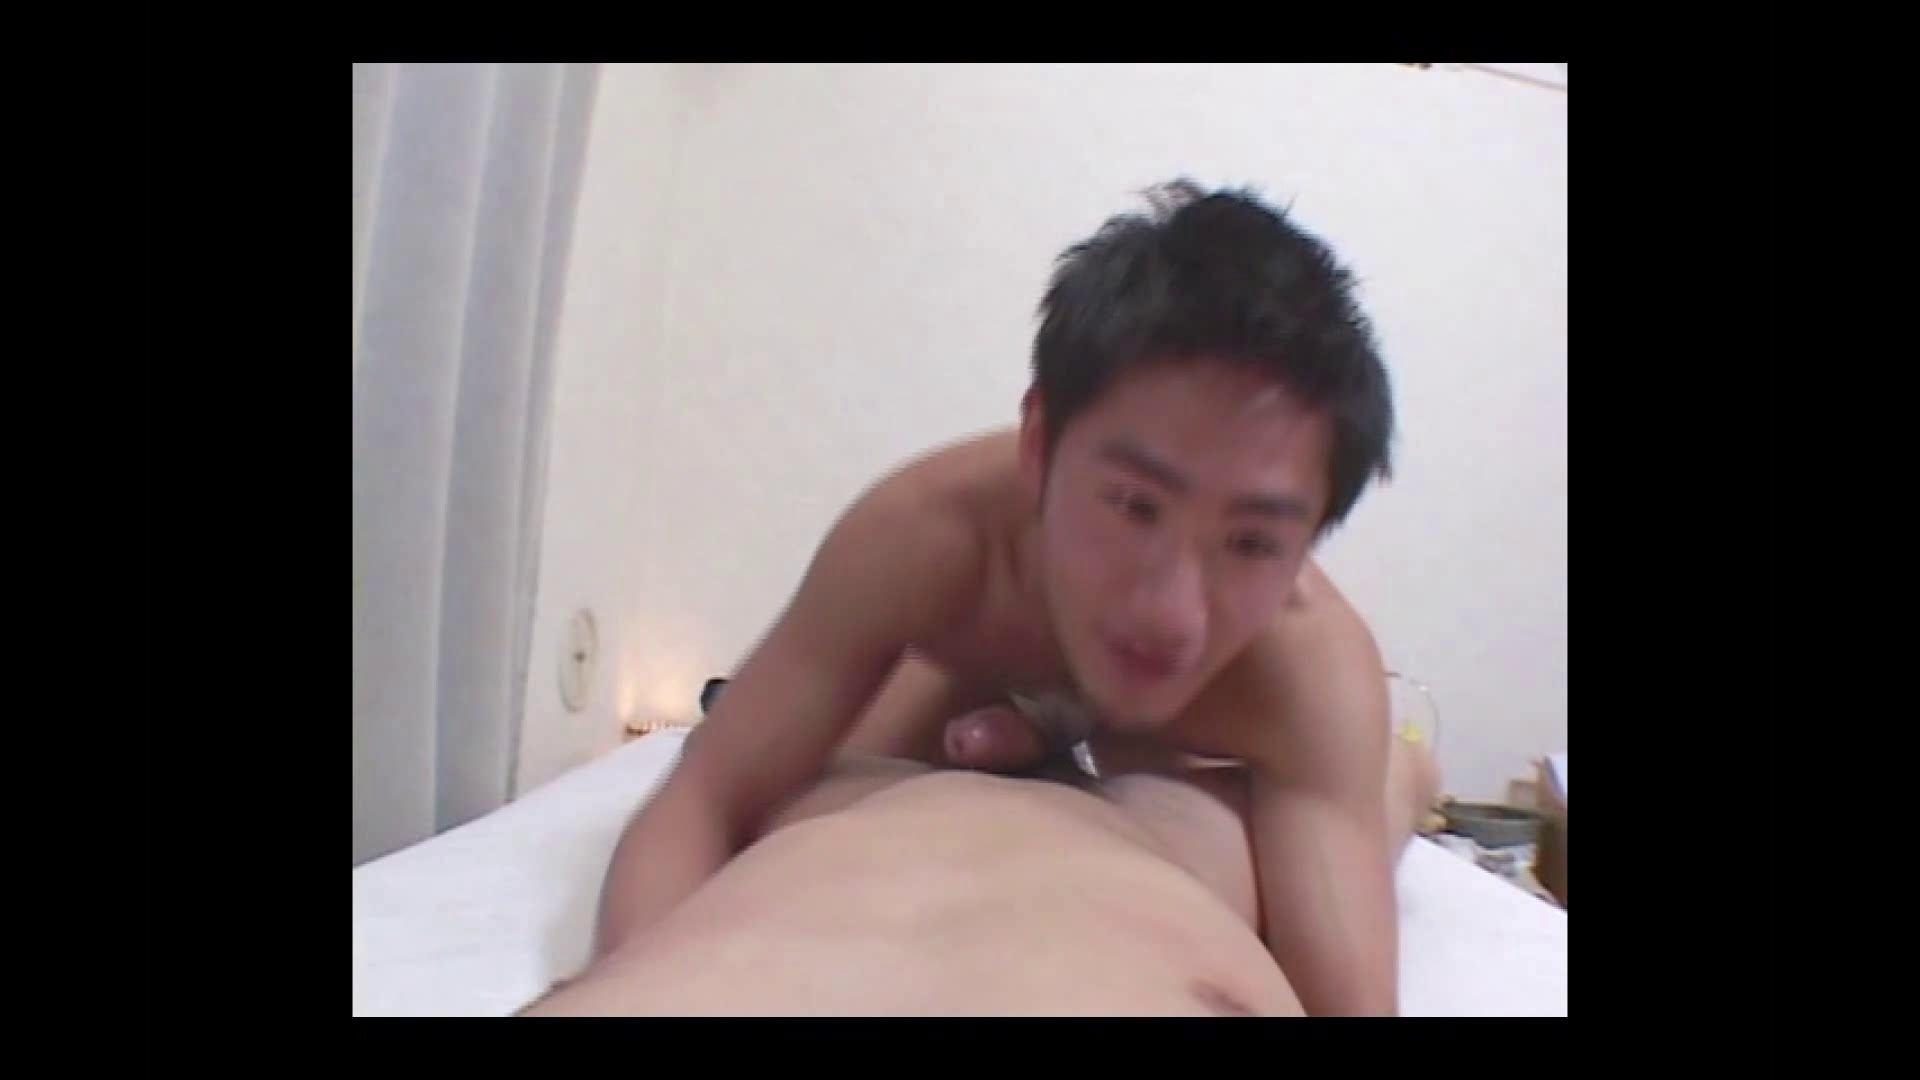 ノンケイケメンの欲望と肉棒 Vol.11 イケメンのゲイ達 | ノンケ  65枚 49